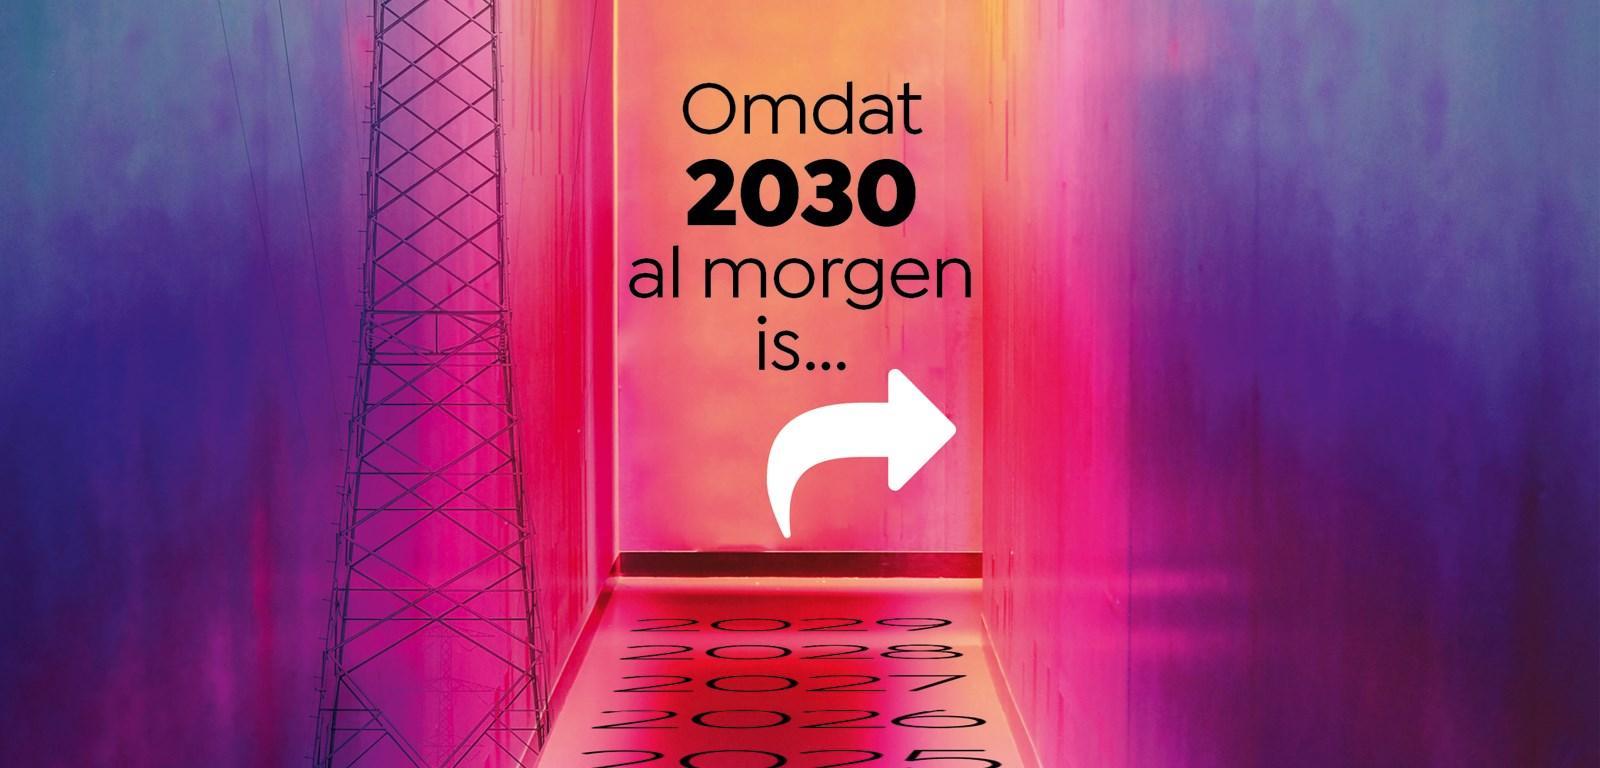 Omdat 2030 al morgen is...